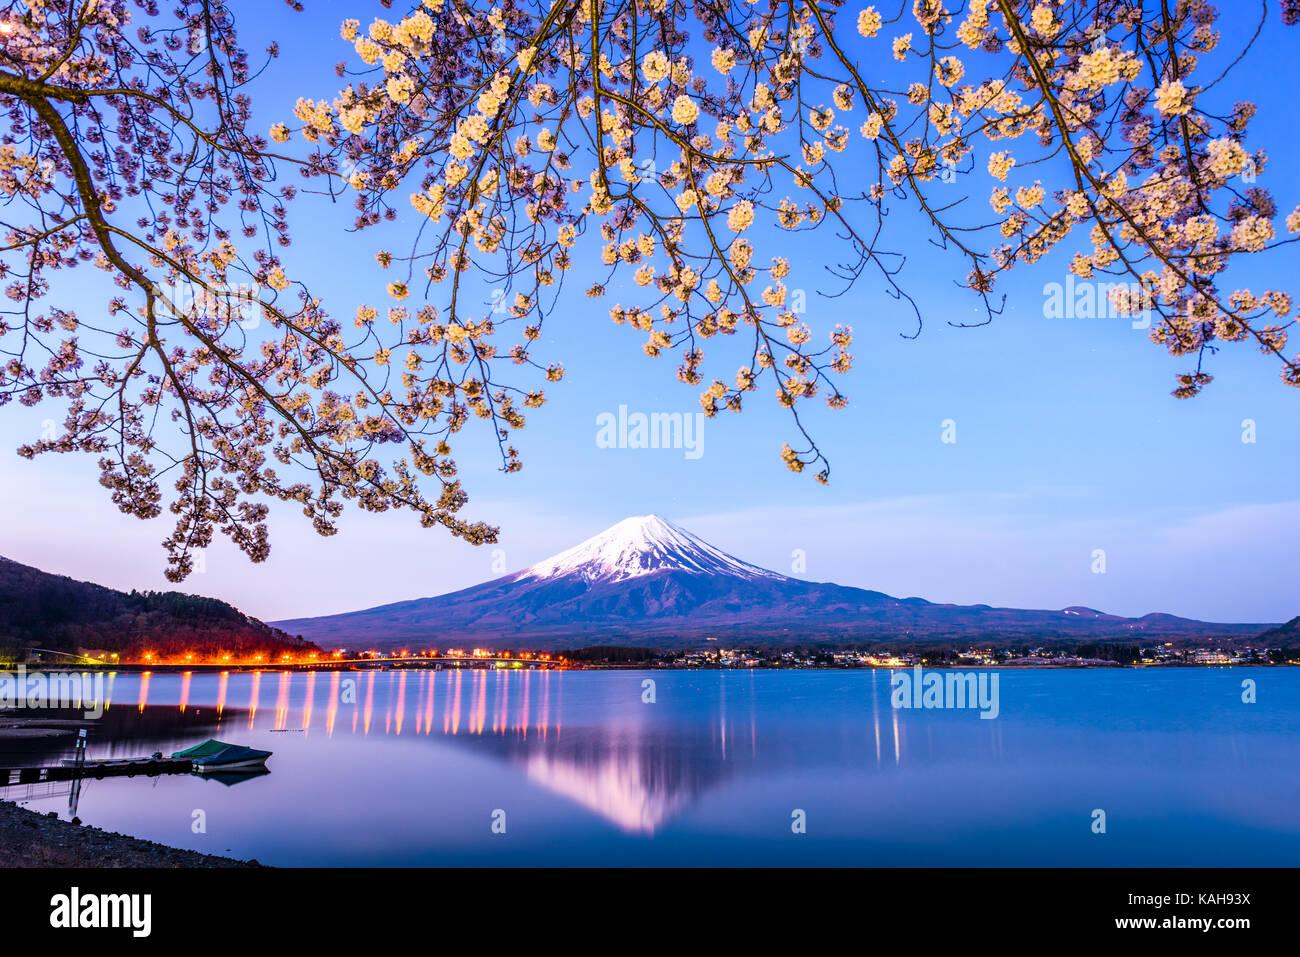 El monte Fuji sobre el Lago Kawaguchi, Japón durante la temporada de primavera. Foto de stock